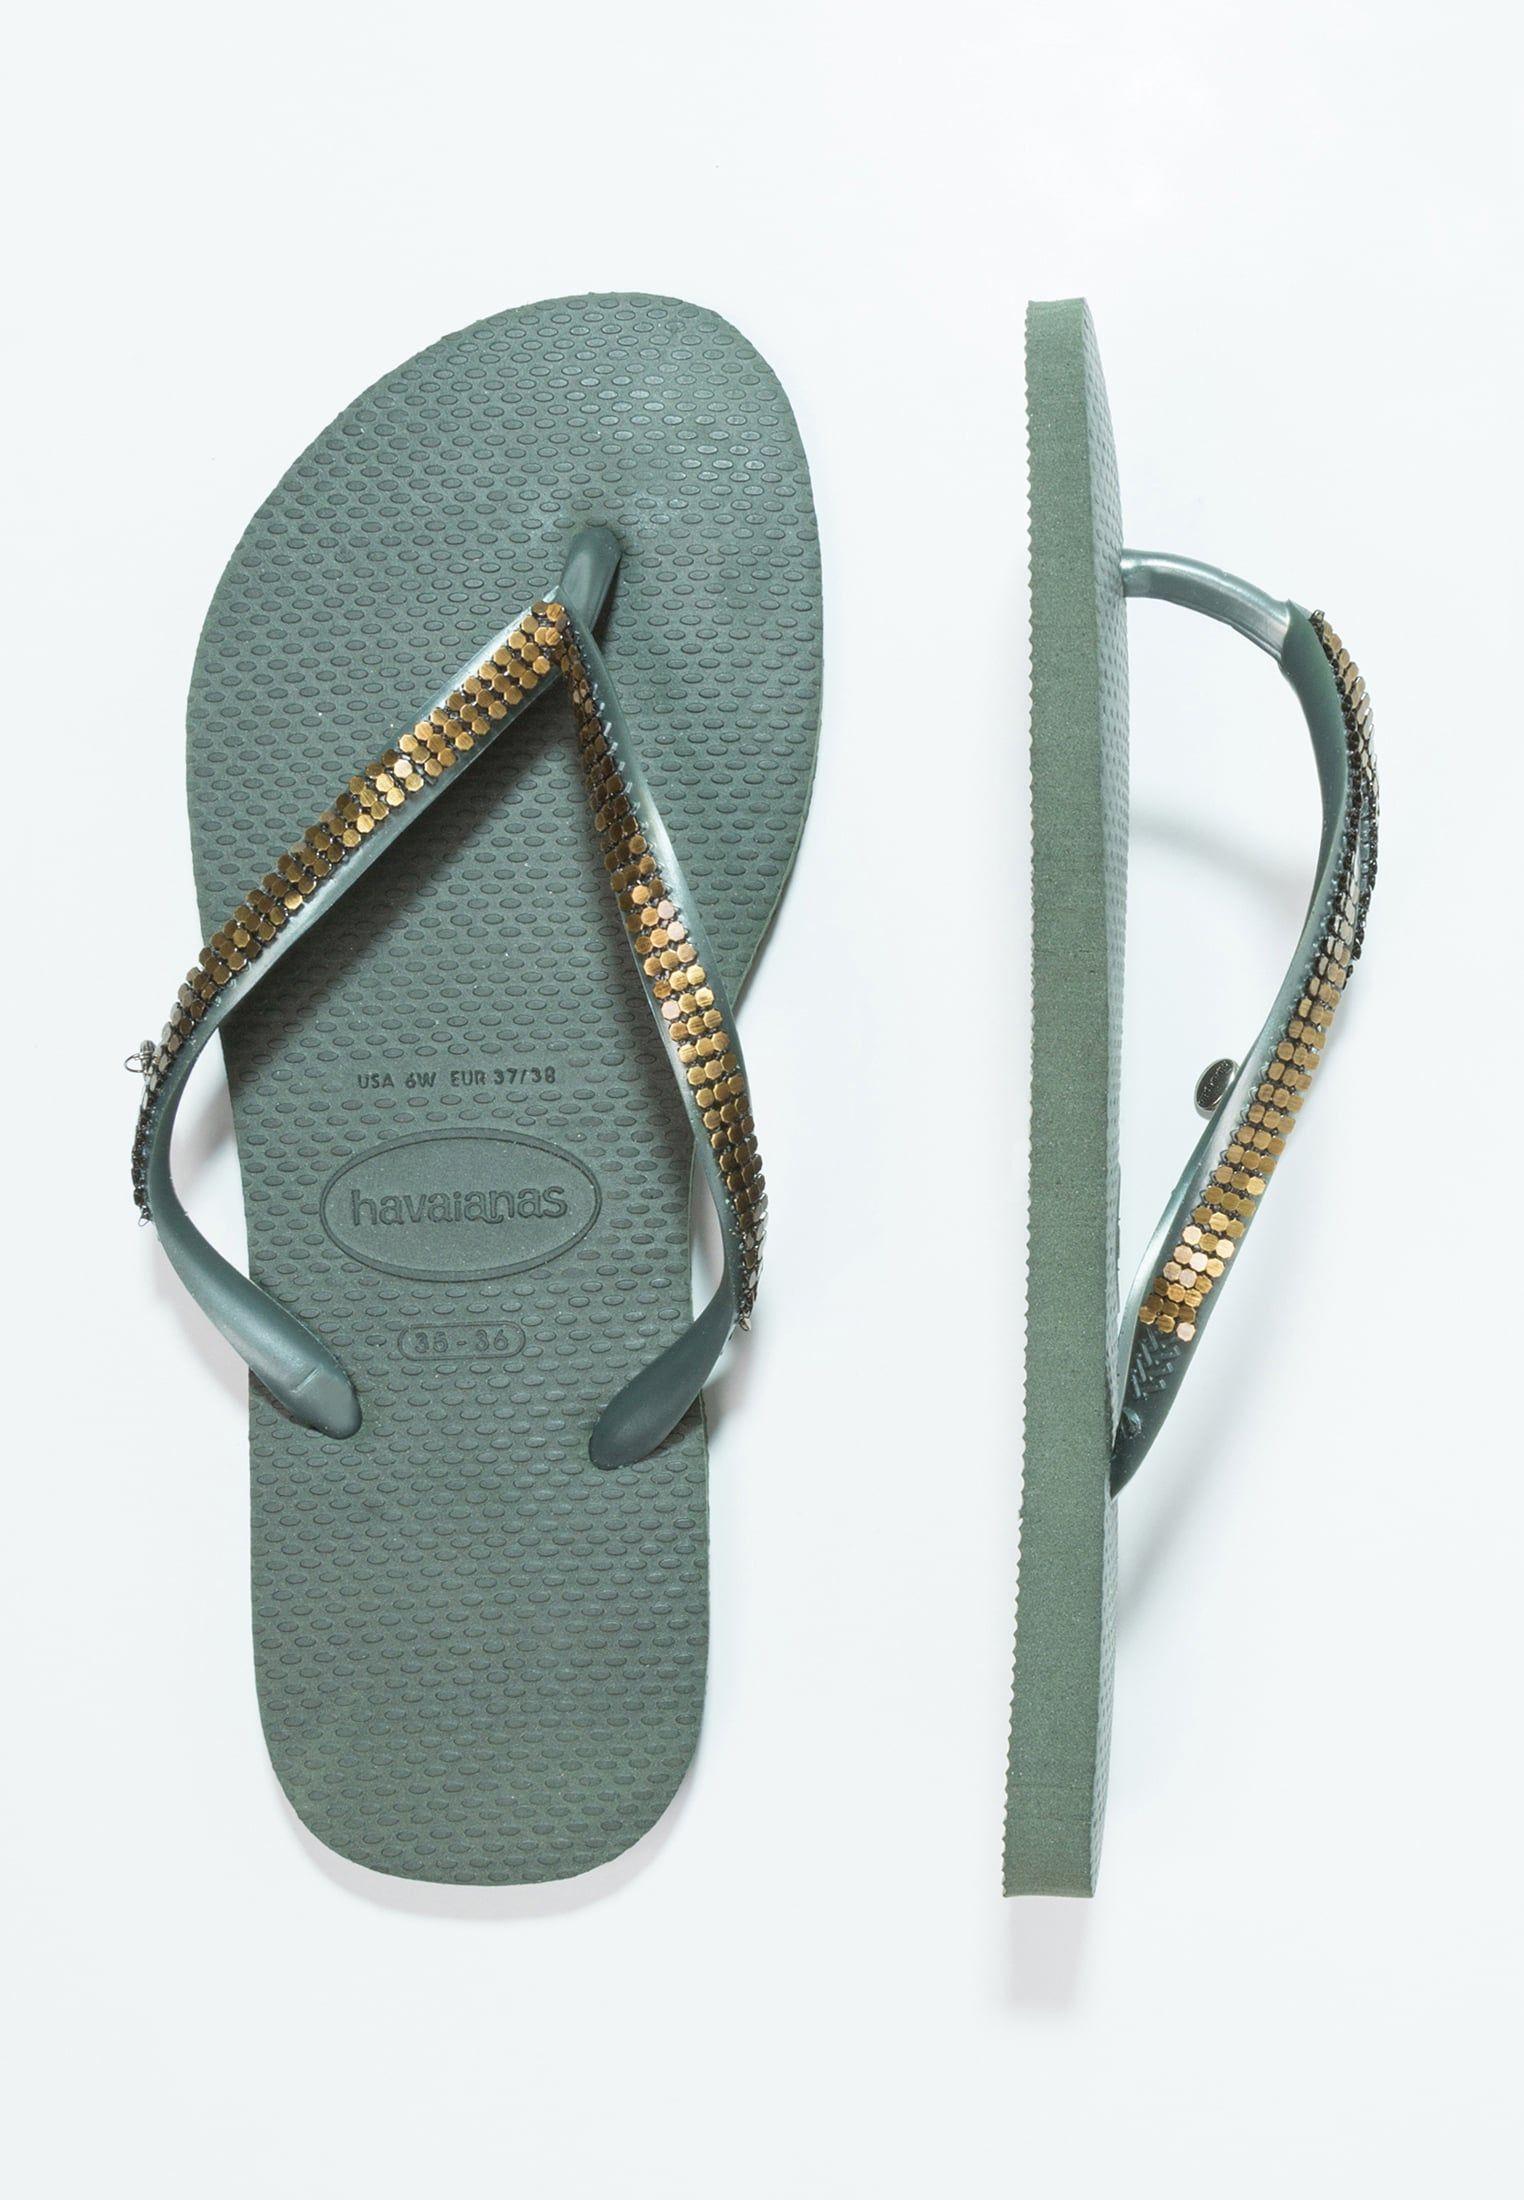 Nike Flip Flops jetzt bestellen | Flip Flop kaufen bei Zalando